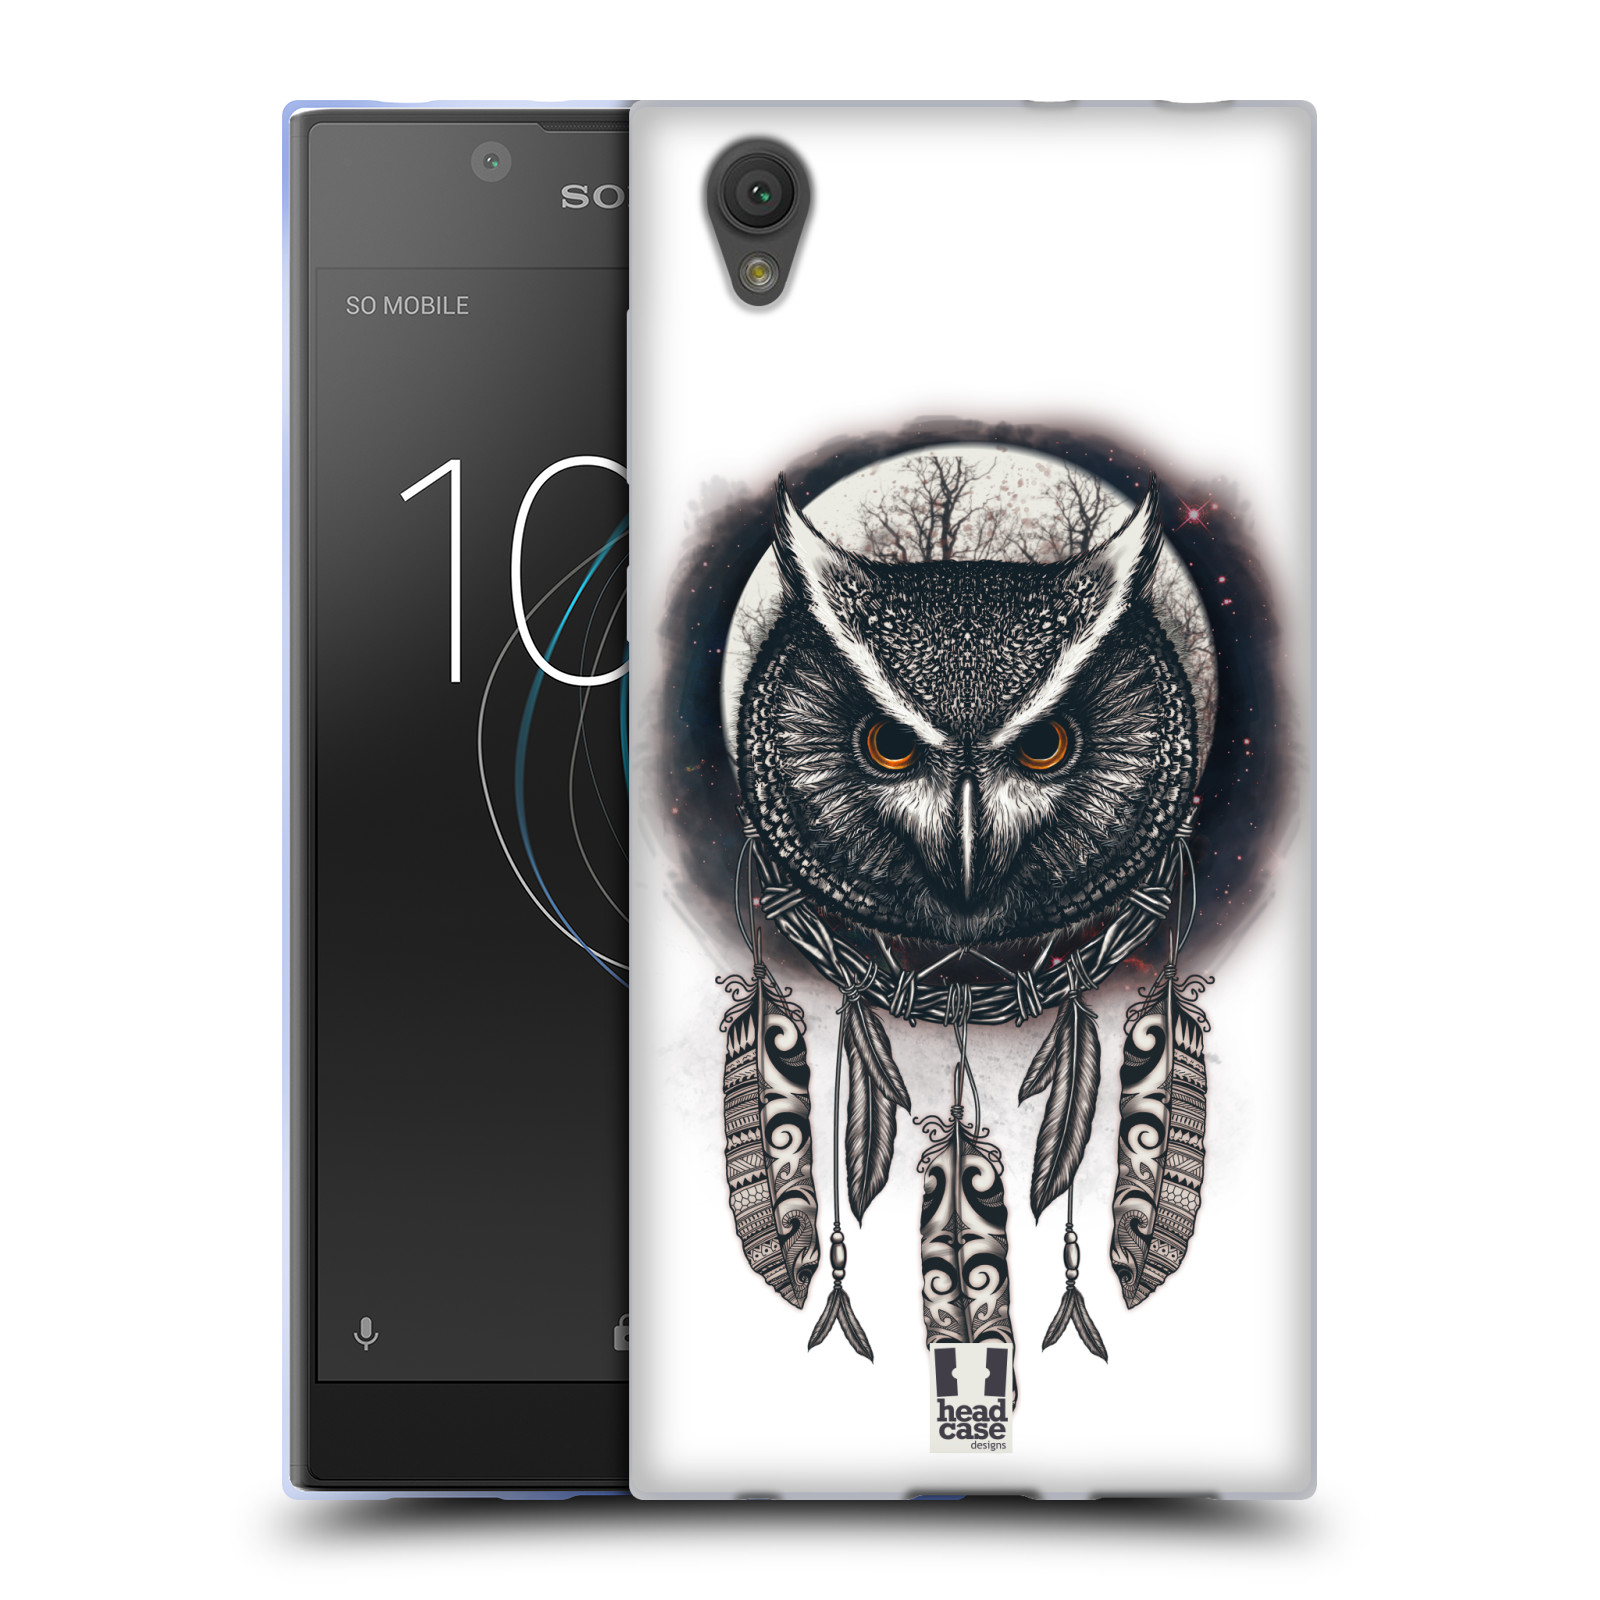 Silikonové pouzdro na mobil Sony Xperia L1 - Head Case - Soví lapač